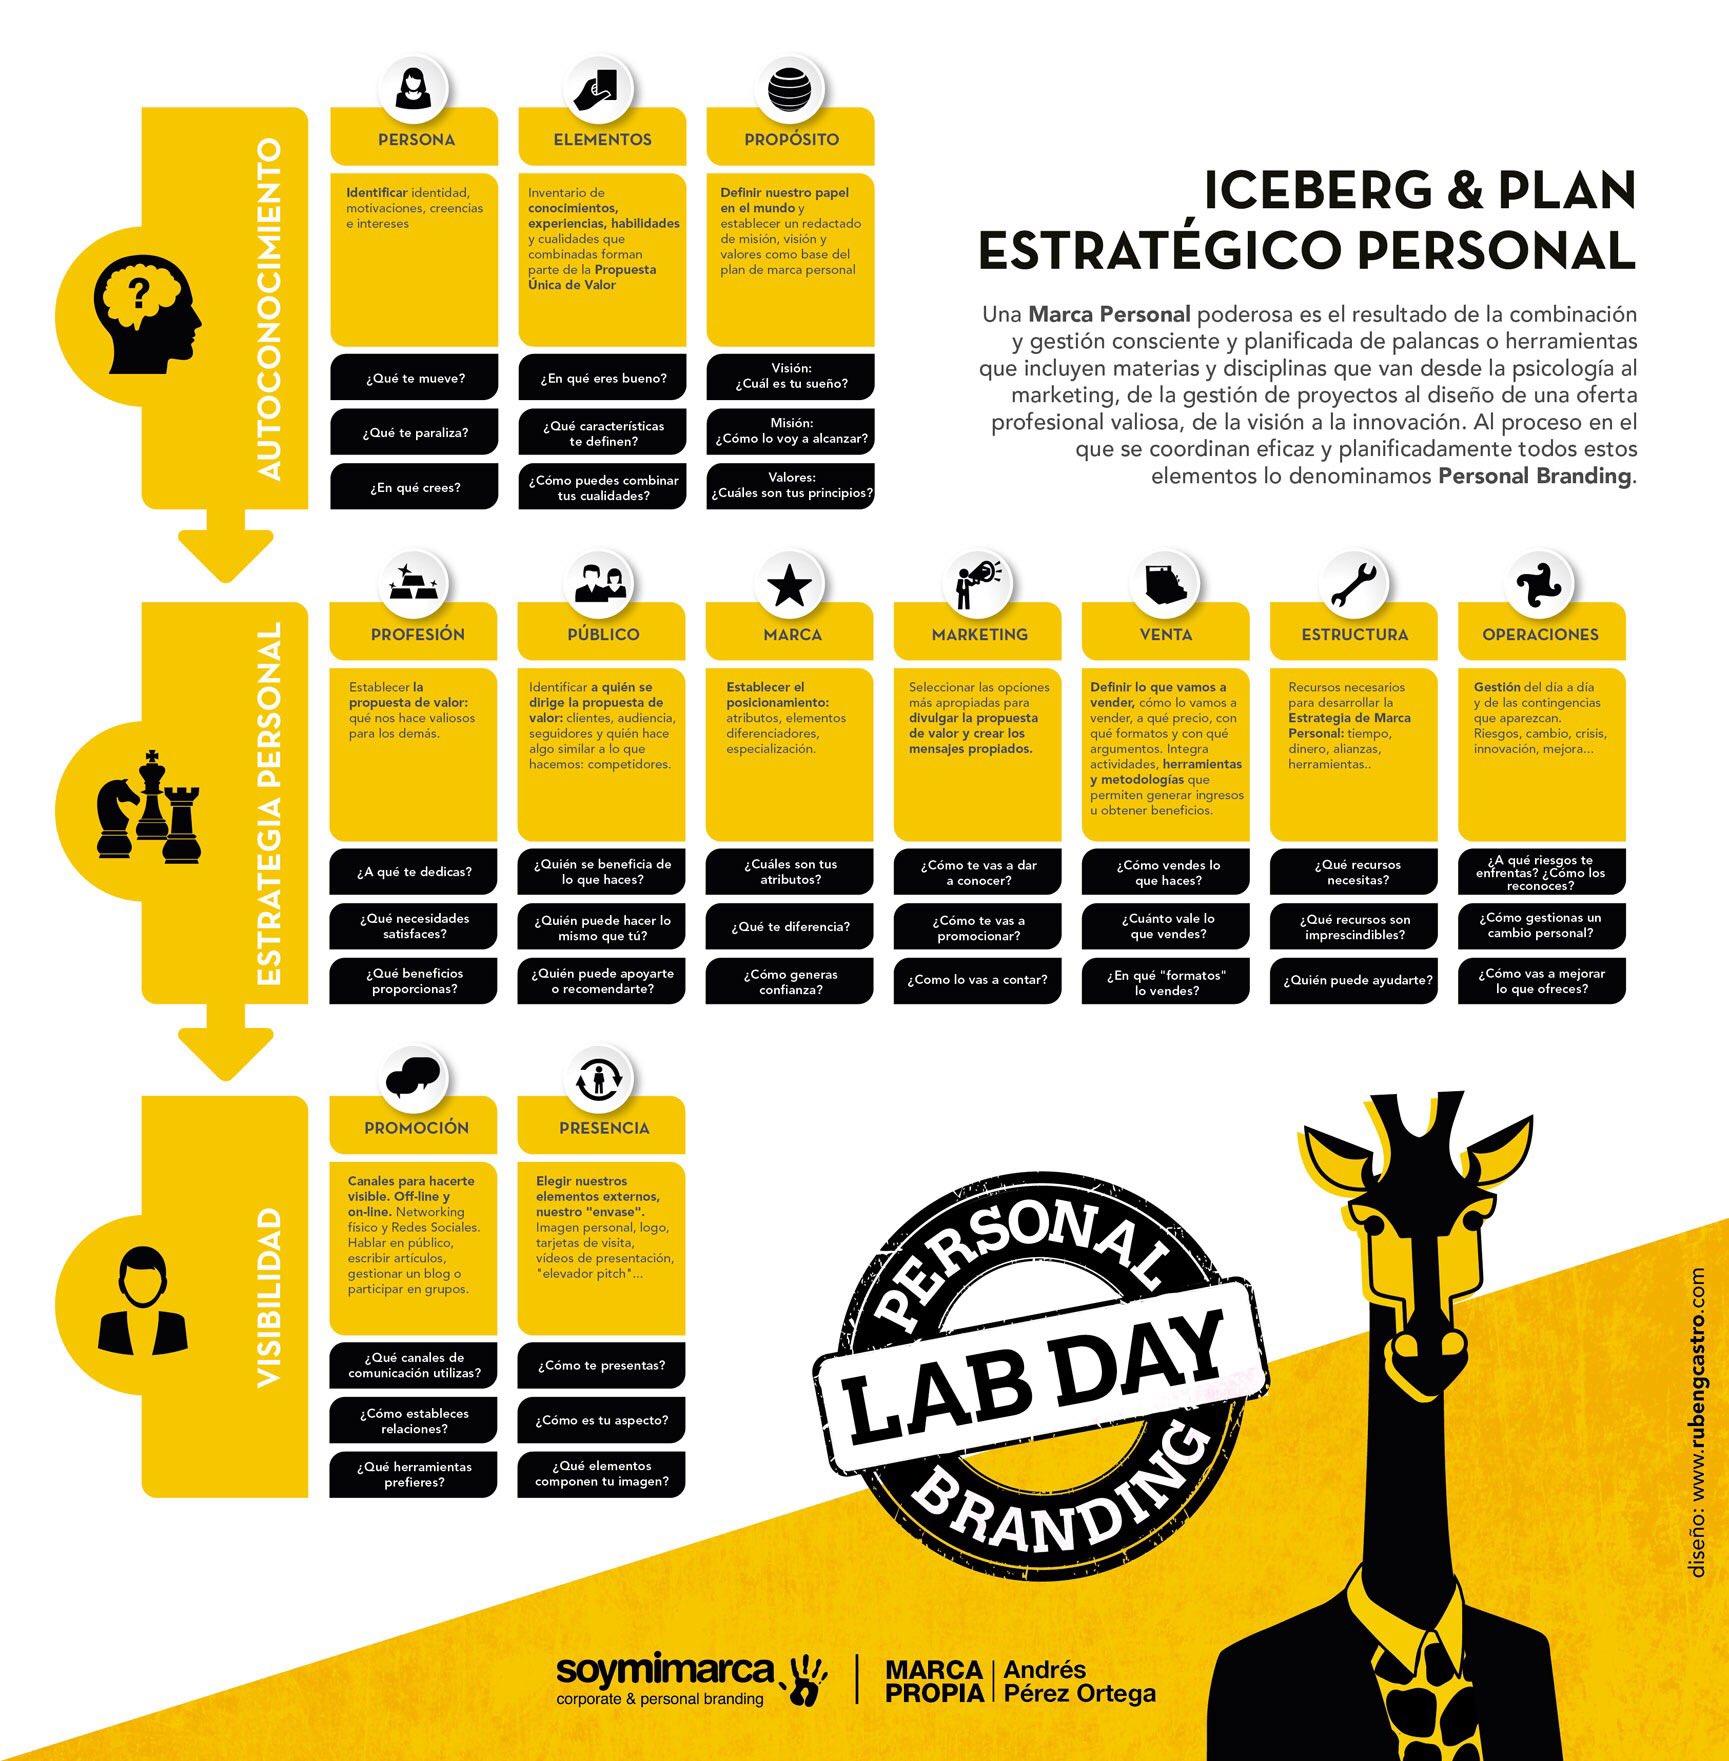 #infografia Cómo desarrollar un proceso de marca personal #PBLabDay17 #PersonalBranding https://t.co/qgDNoyKvrp